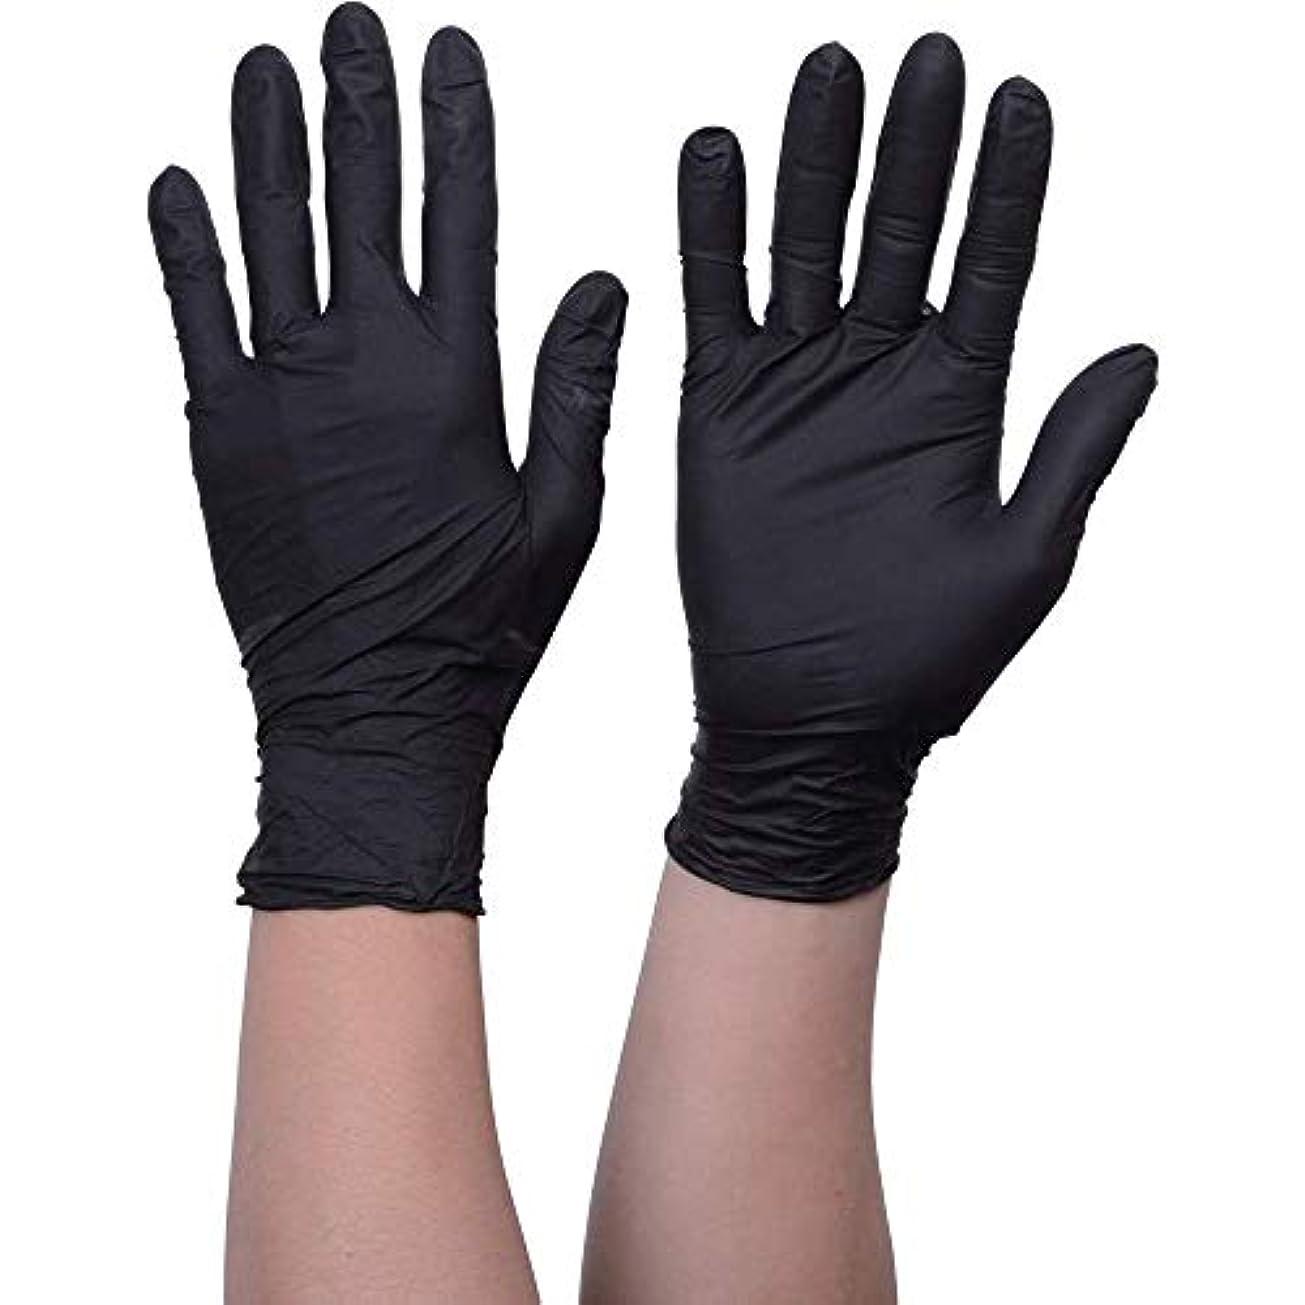 移民血相続人ニトリル手袋 使い捨て手袋防水耐油耐久性が強い上に軽く高品質ブラック100枚入